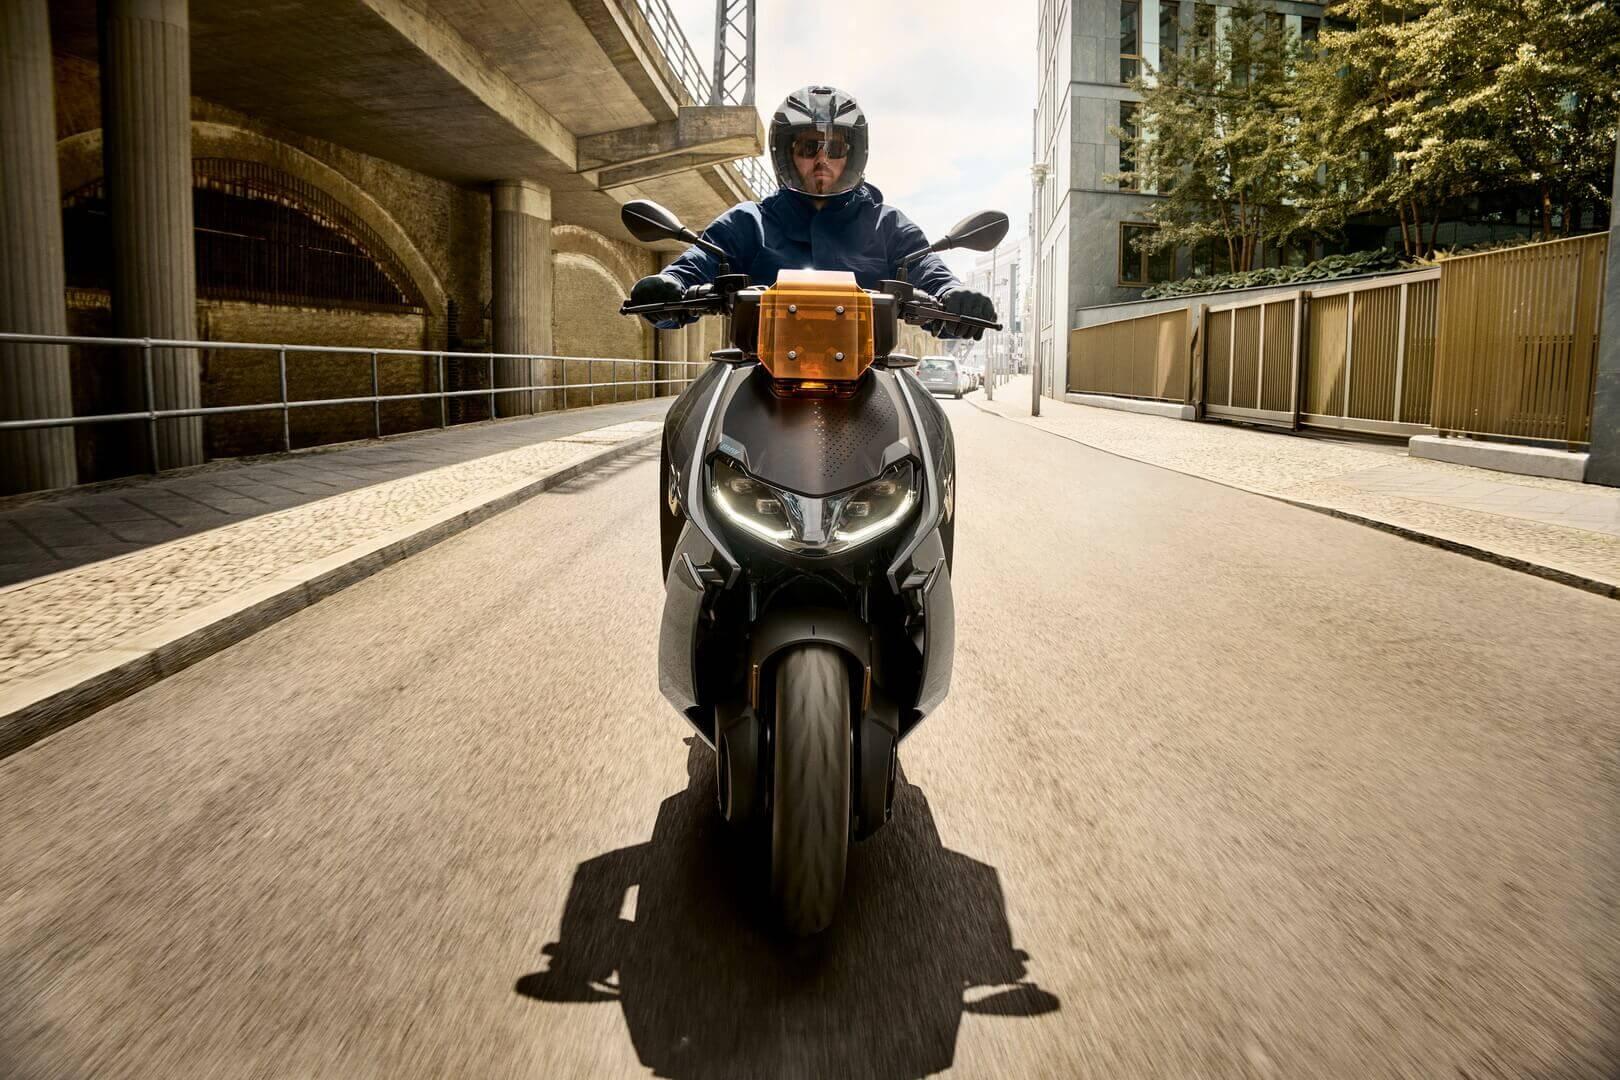 Стандартные режимы вождения EСО, Rain и Road для эффективной повседневной езды и опциональный режим Dynamic для максимального удовольствия от вождения